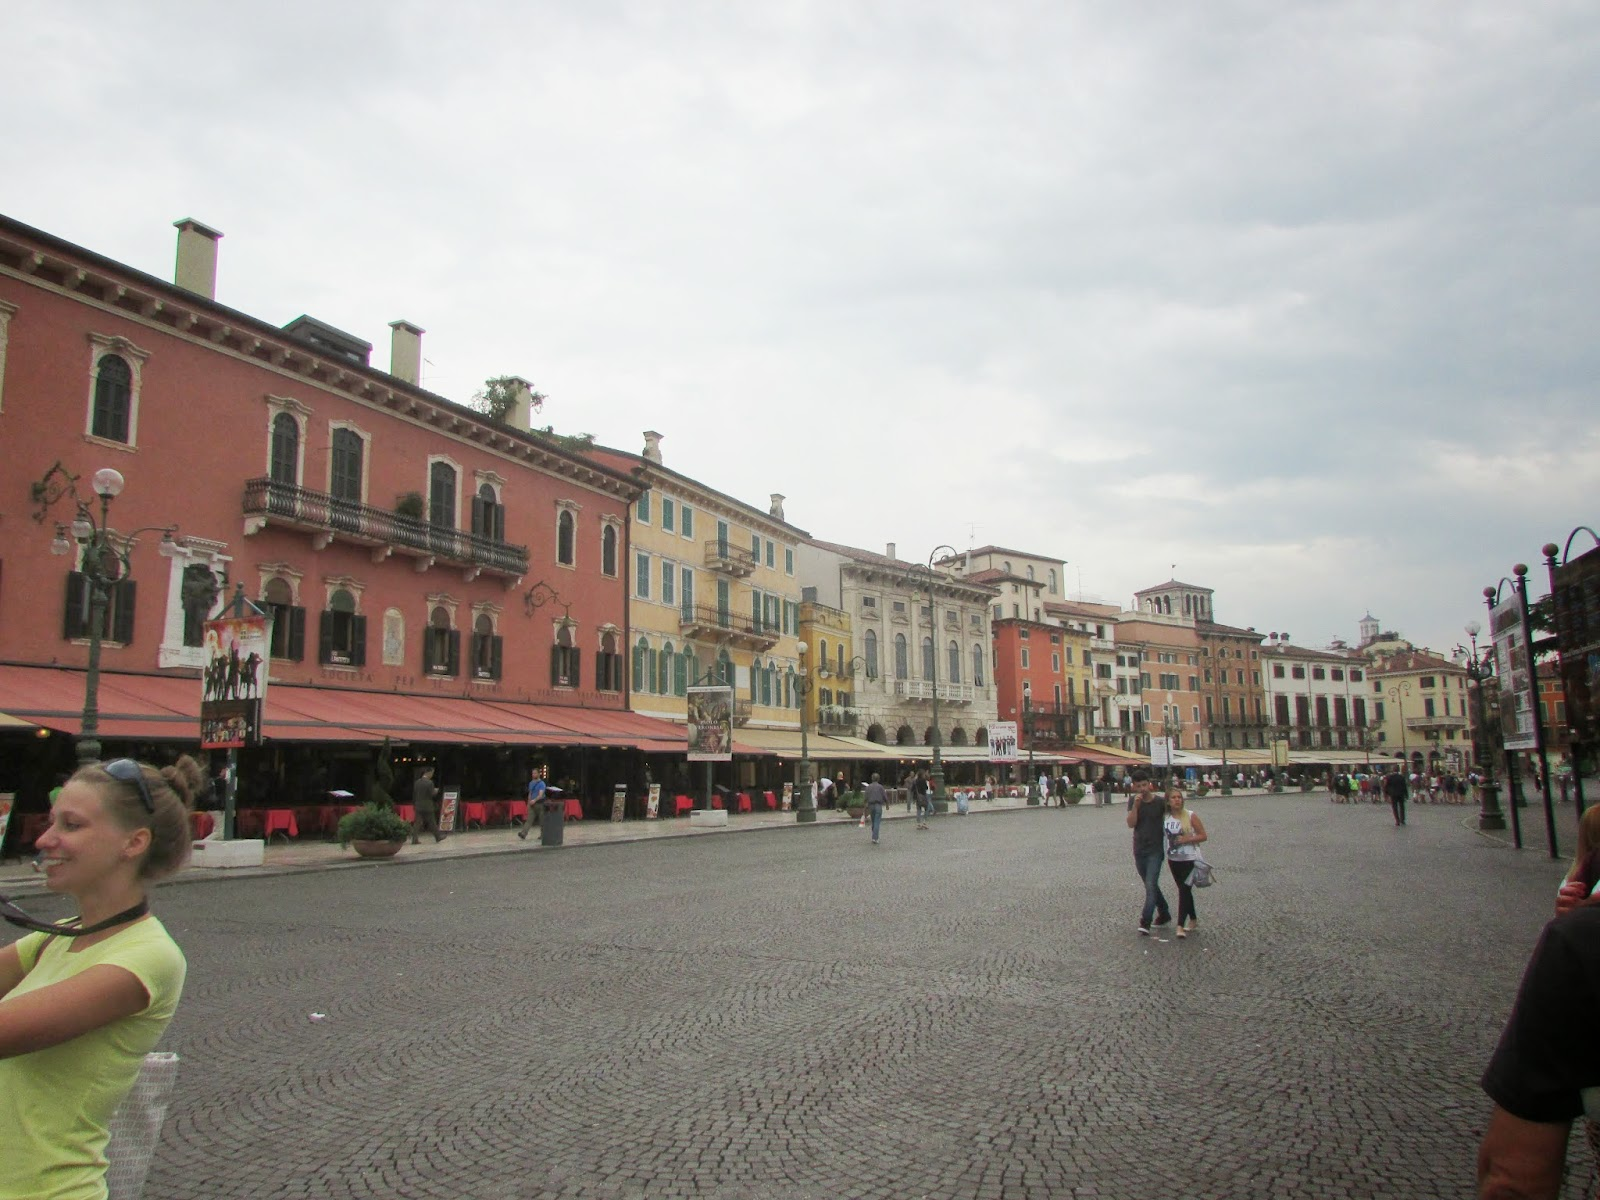 Itália, Verona, Piazza Bra